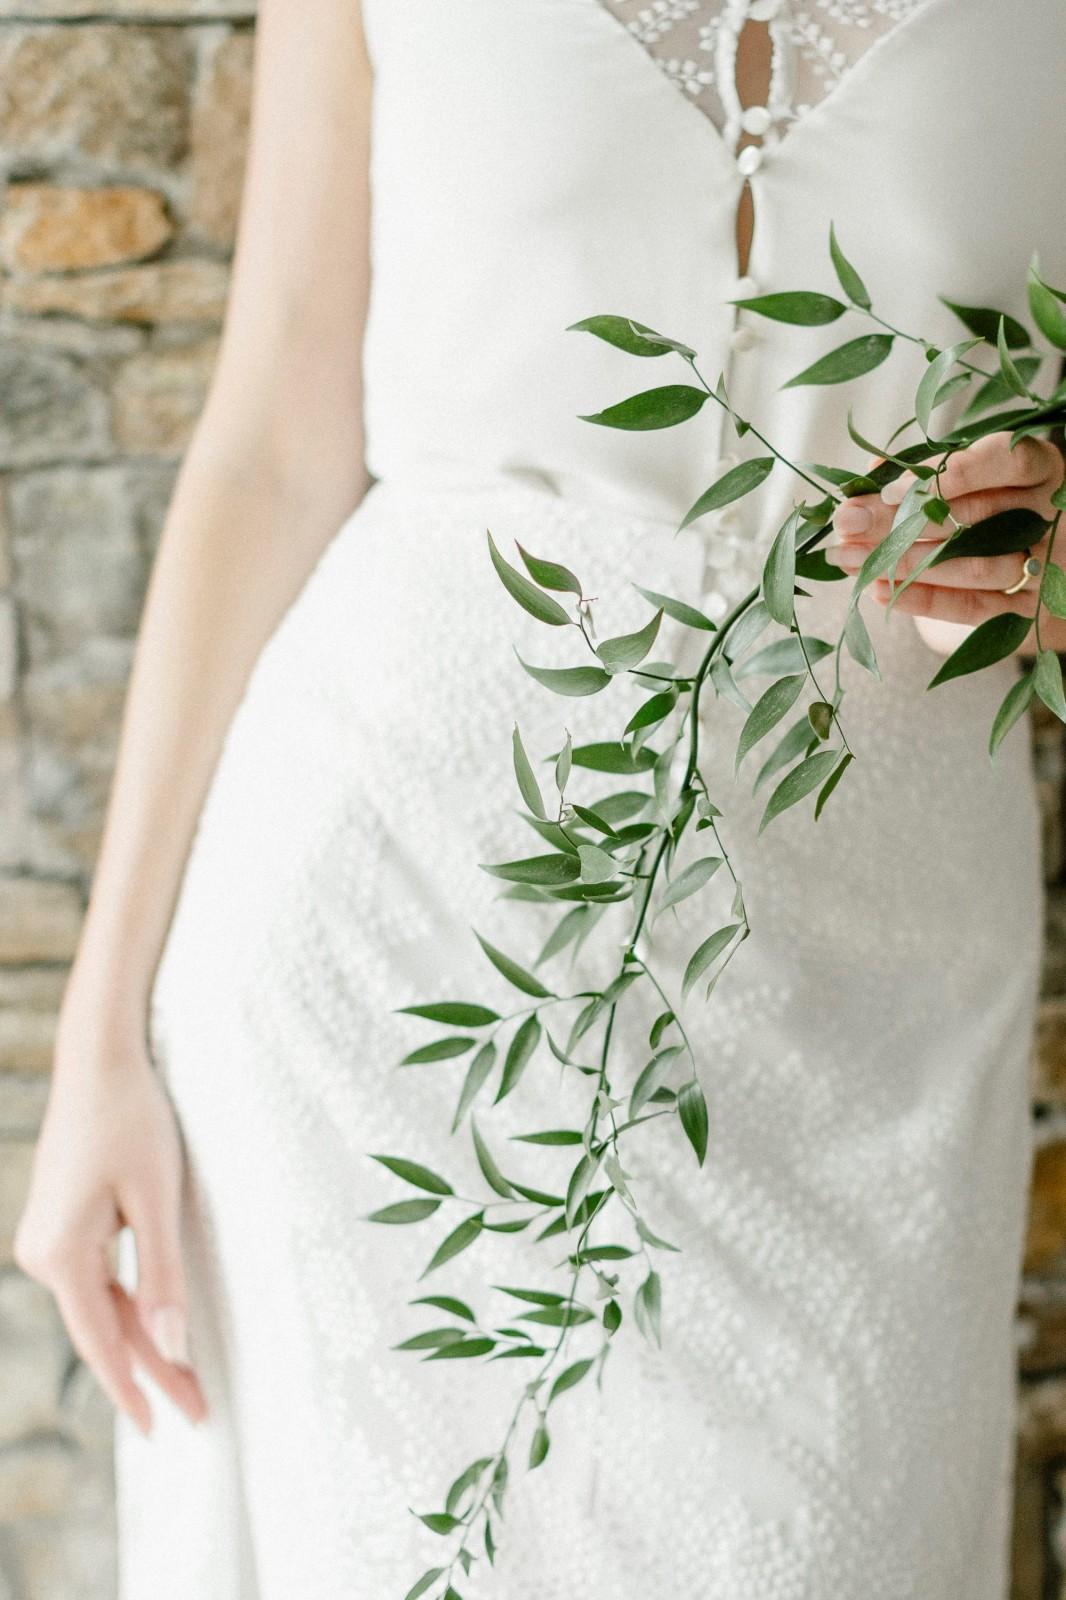 Une jolie robe que vous pouvez porter pour votre mariage inspiration végétal.